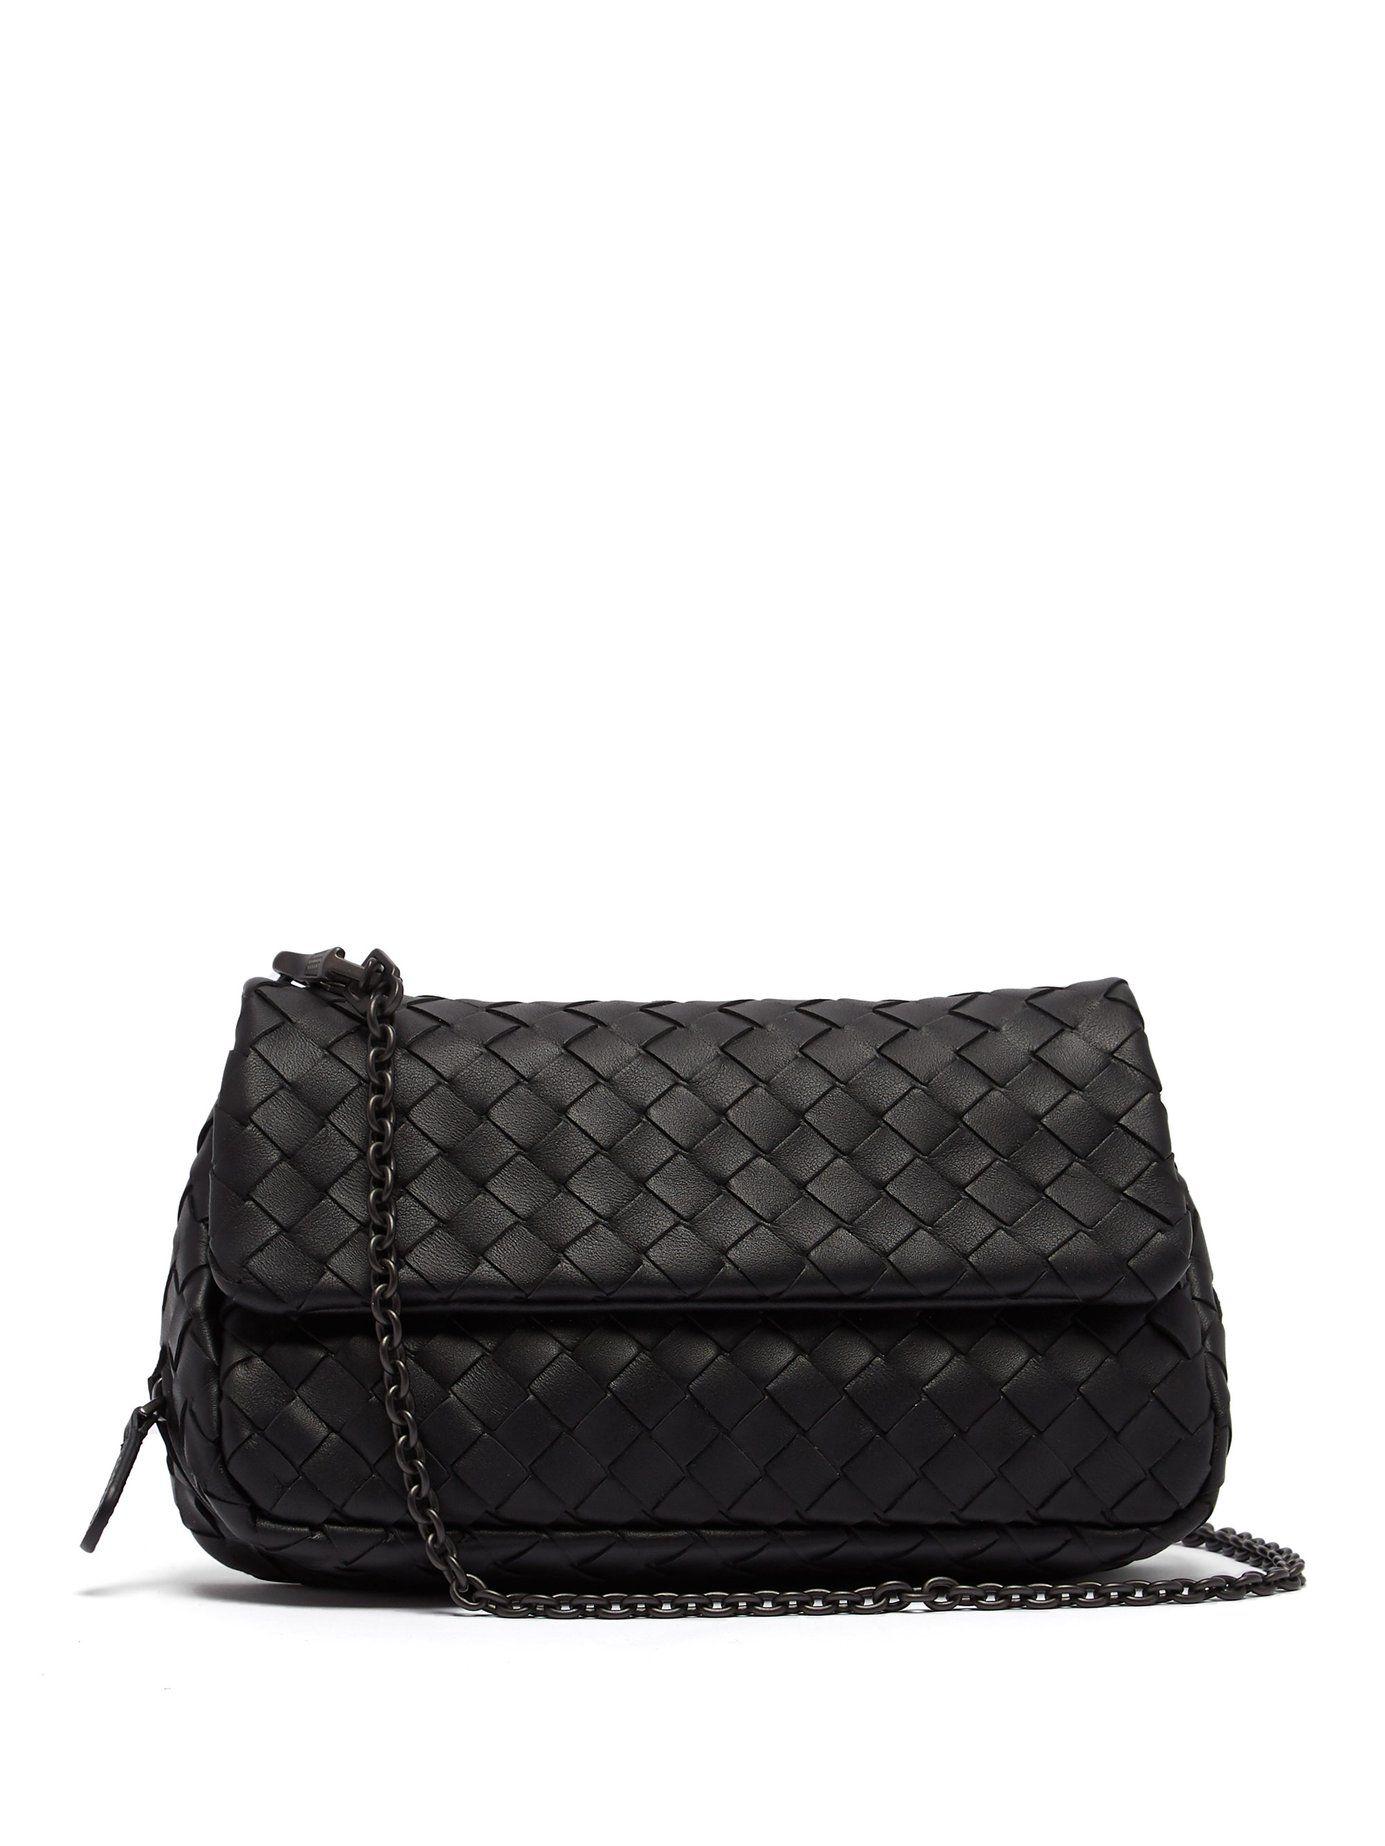 e4b46cee64 Intrecciato mini leather cross-body bag